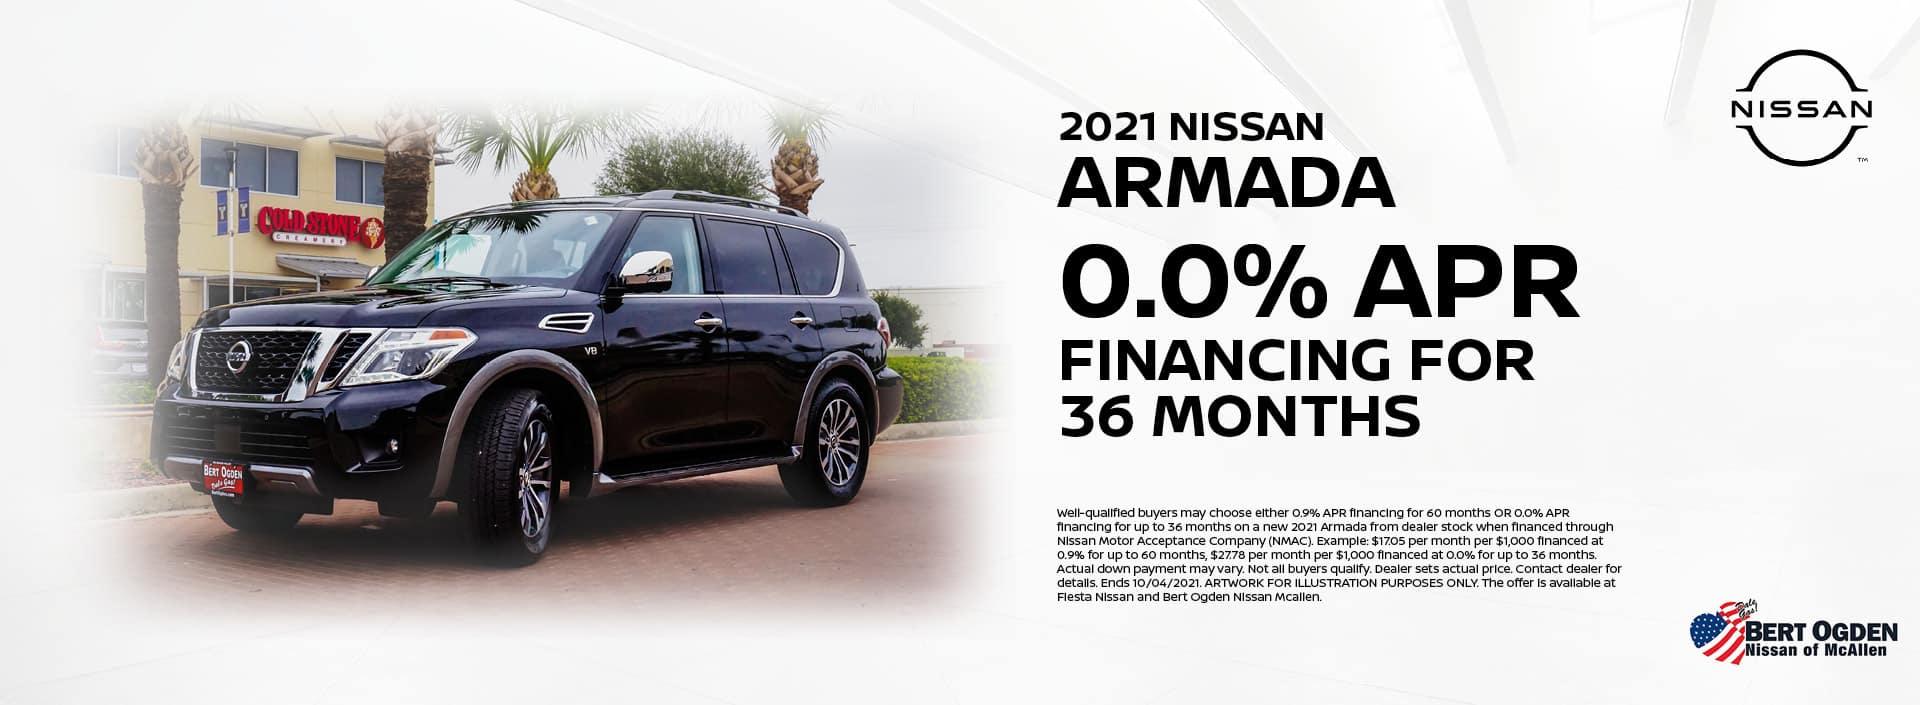 2021 Nissan Armada 0.0% APR | Bert Ogden Nissan | McAllen, TX